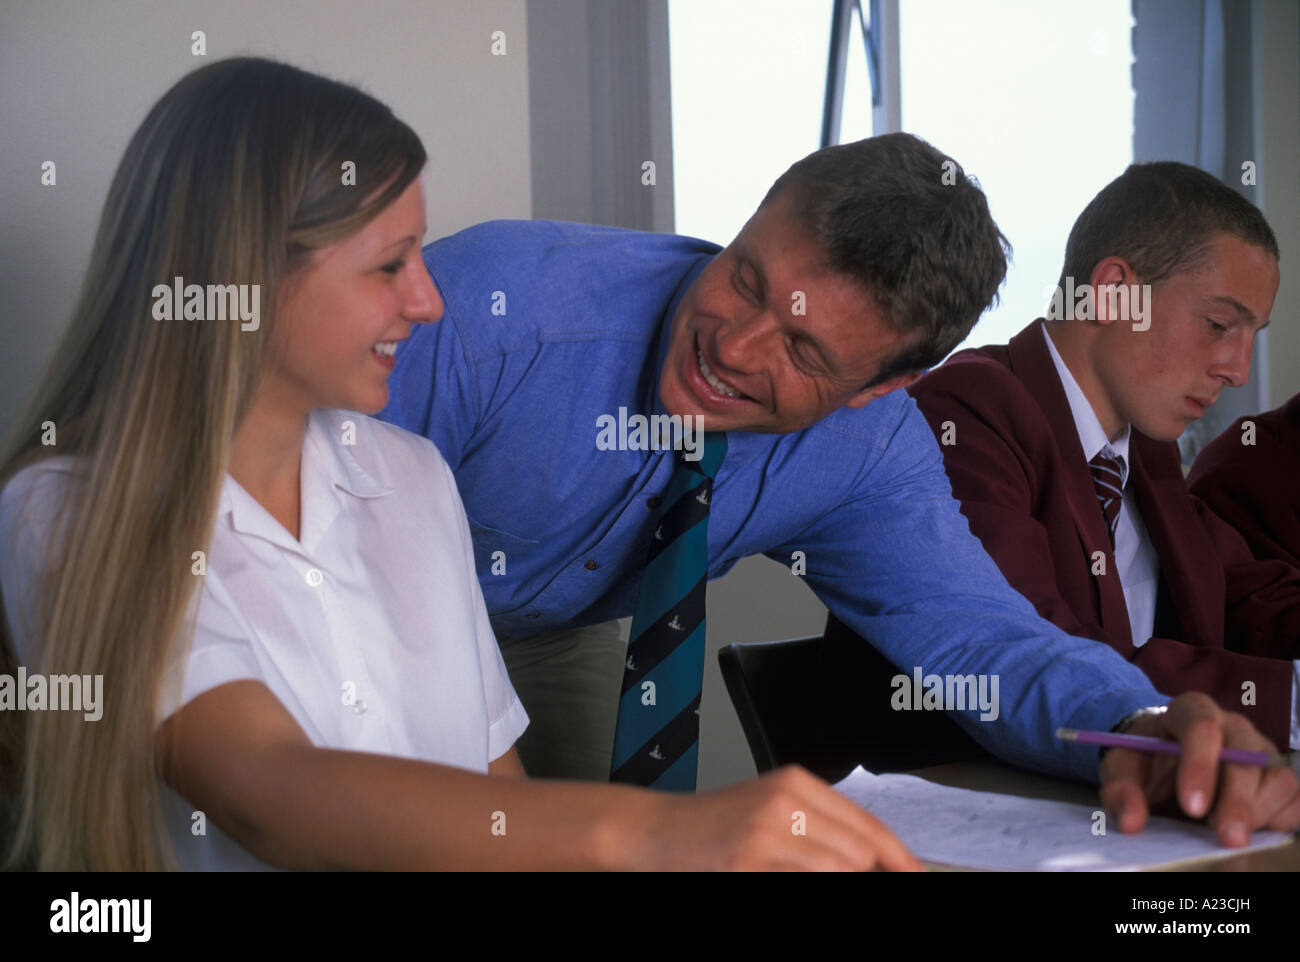 Bilder von russischen dating seiten photo 8